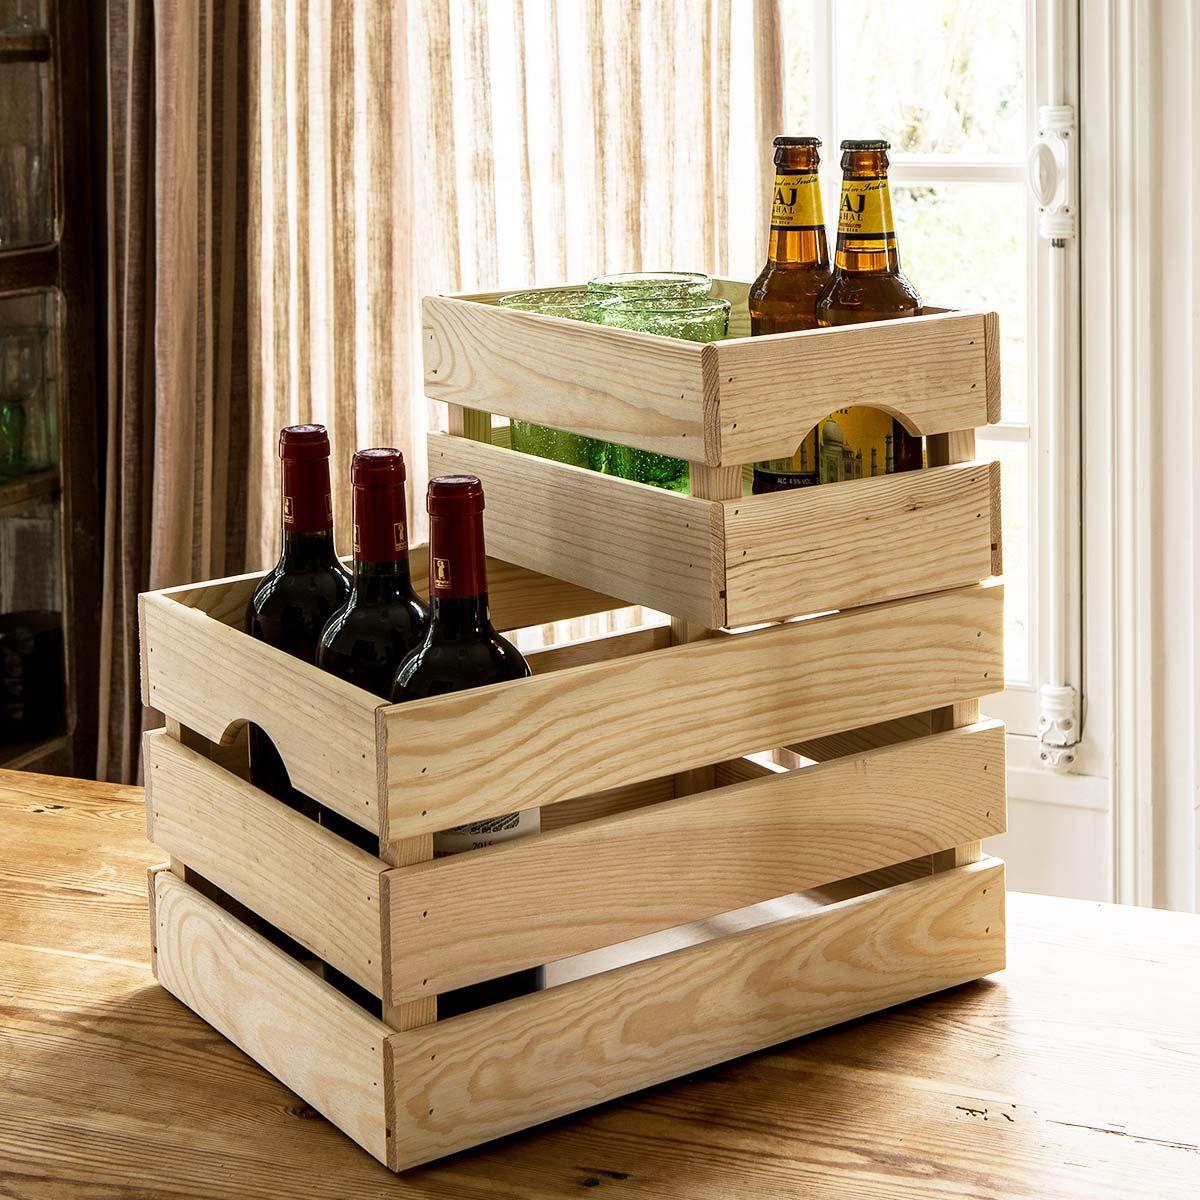 caisse de rangement en bois clair 23x40x30. Black Bedroom Furniture Sets. Home Design Ideas